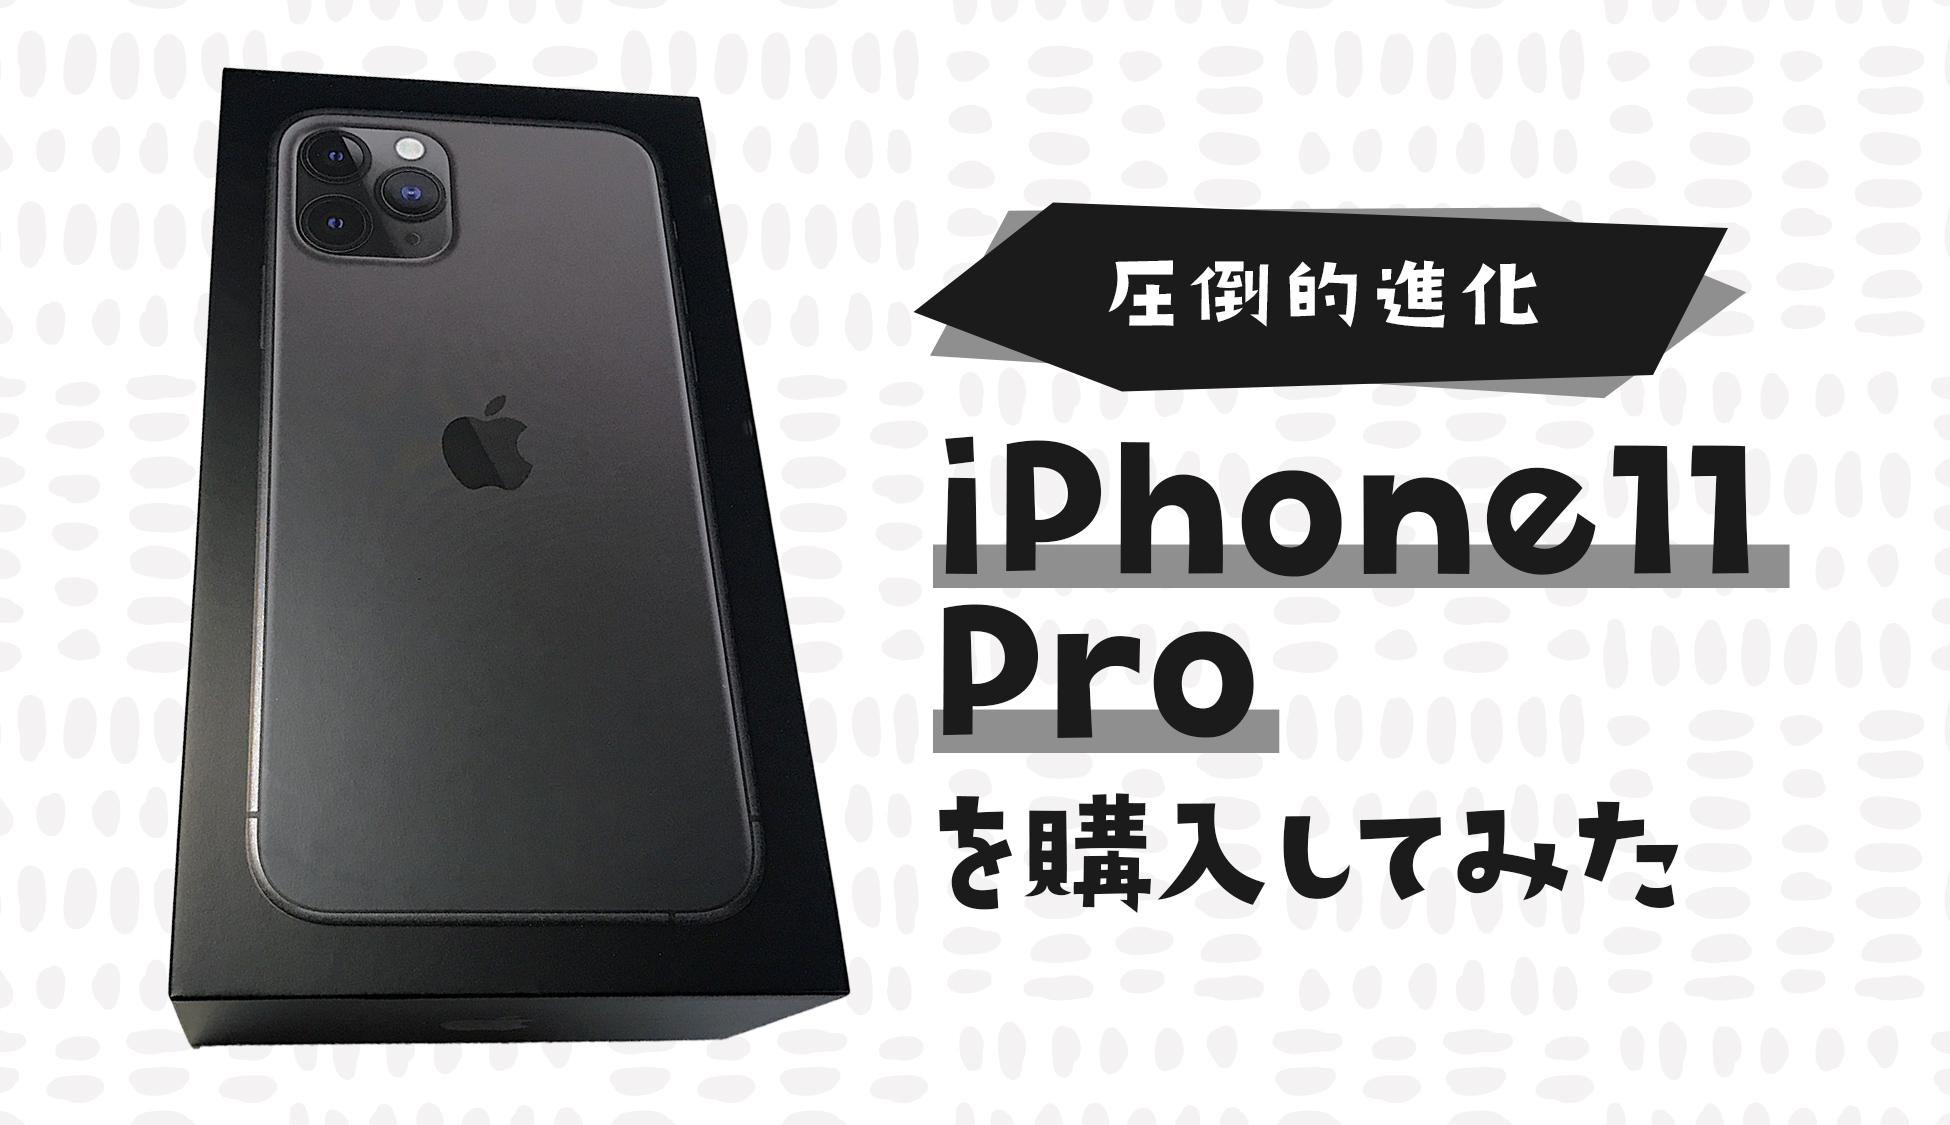 圧倒的進化 iPhone11 Proを購入してみた